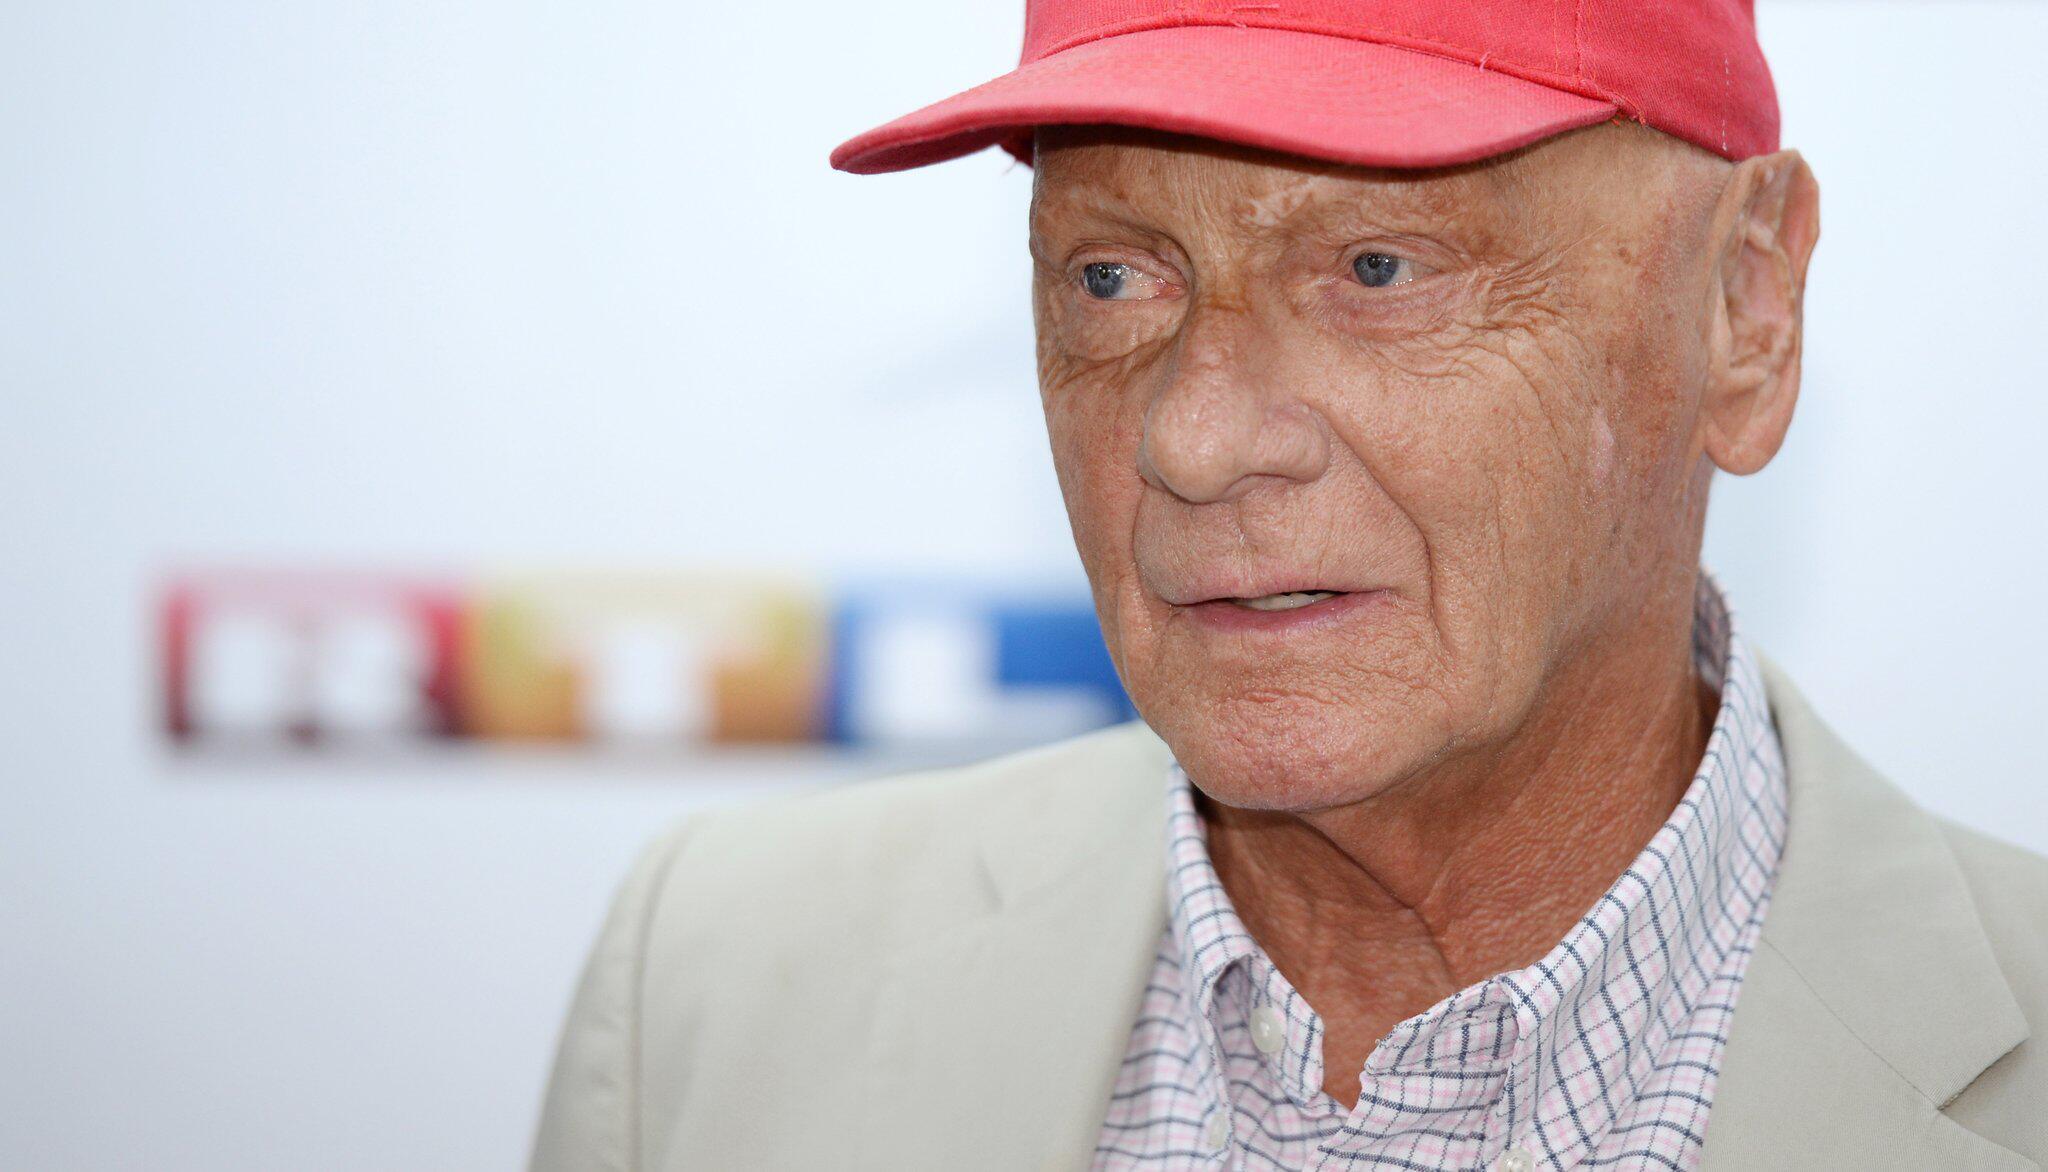 Bild zu Nominierung Deutscher Fernsehpreis: Niki Lauda